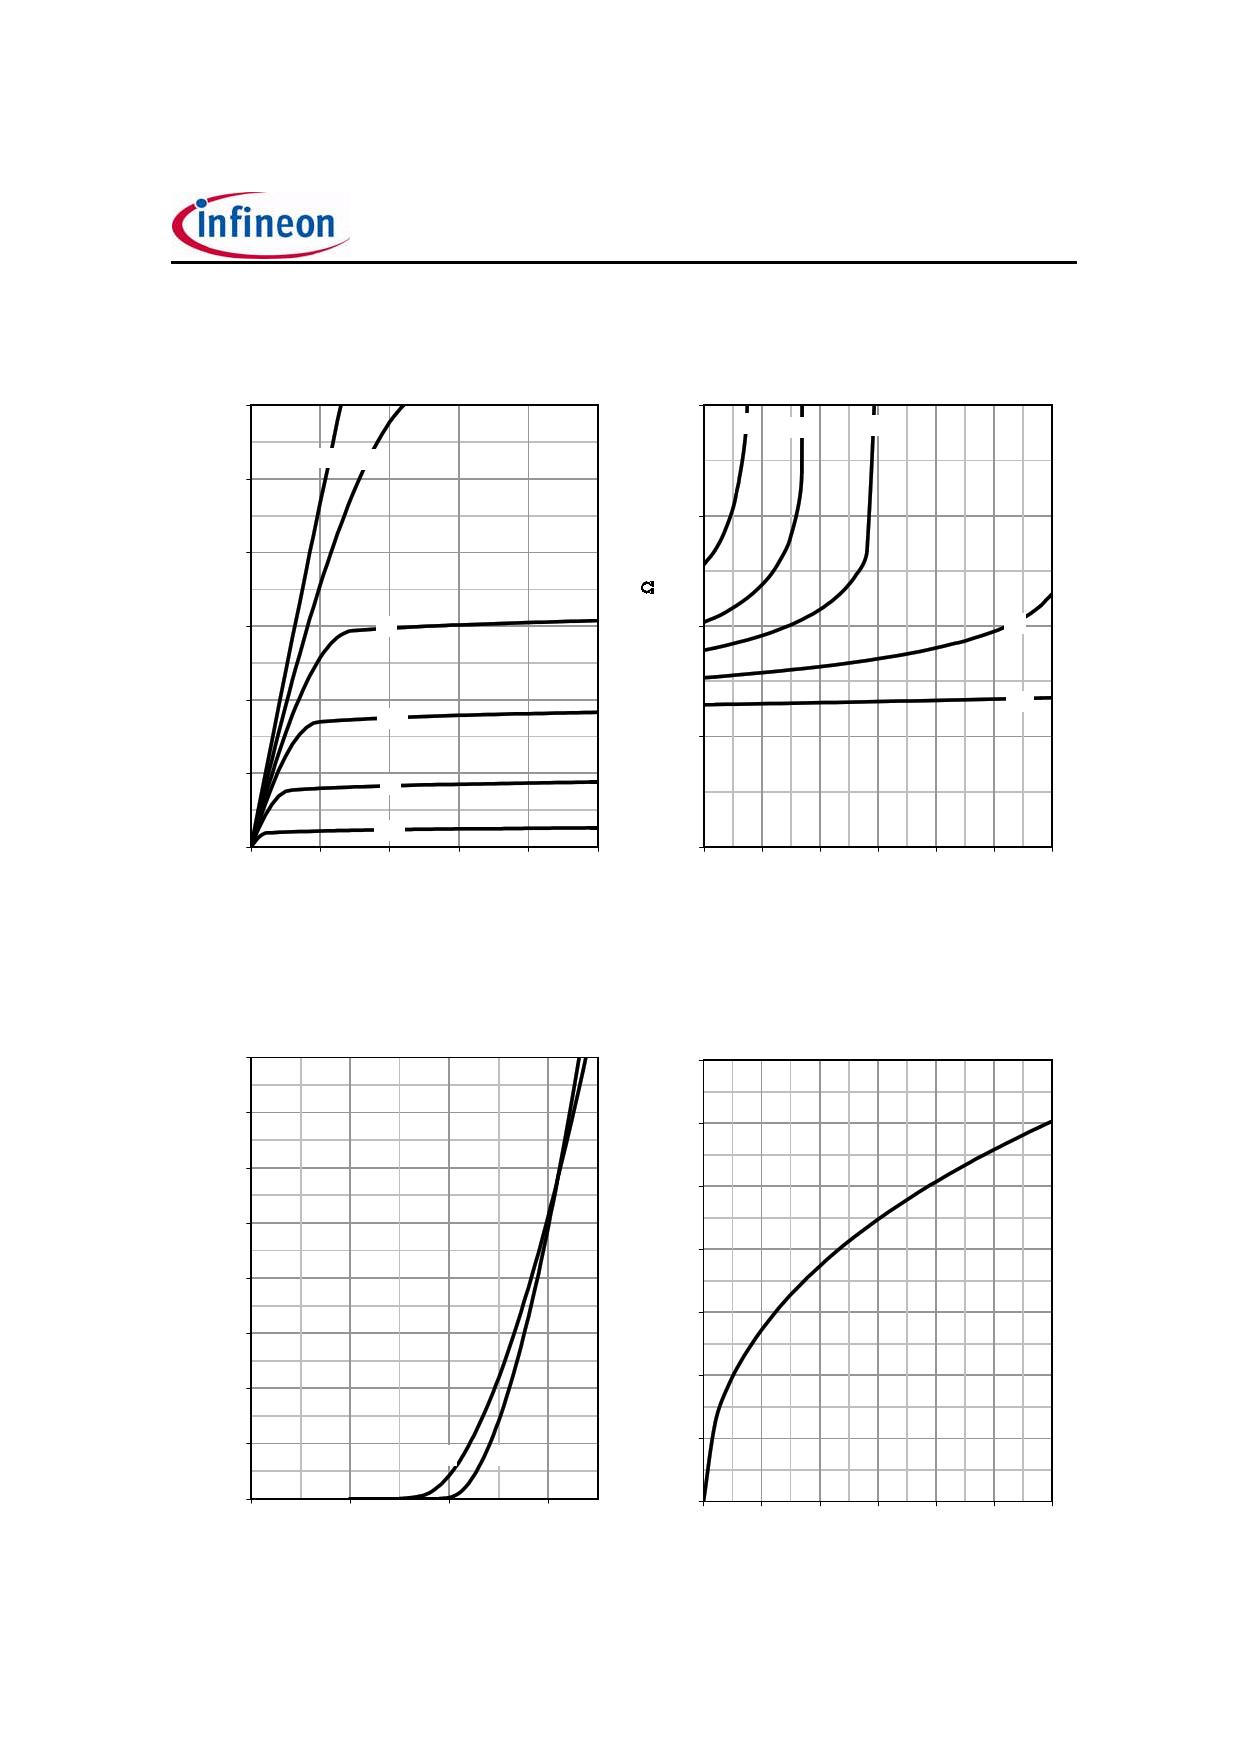 IPP032N06N3G pdf, arduino